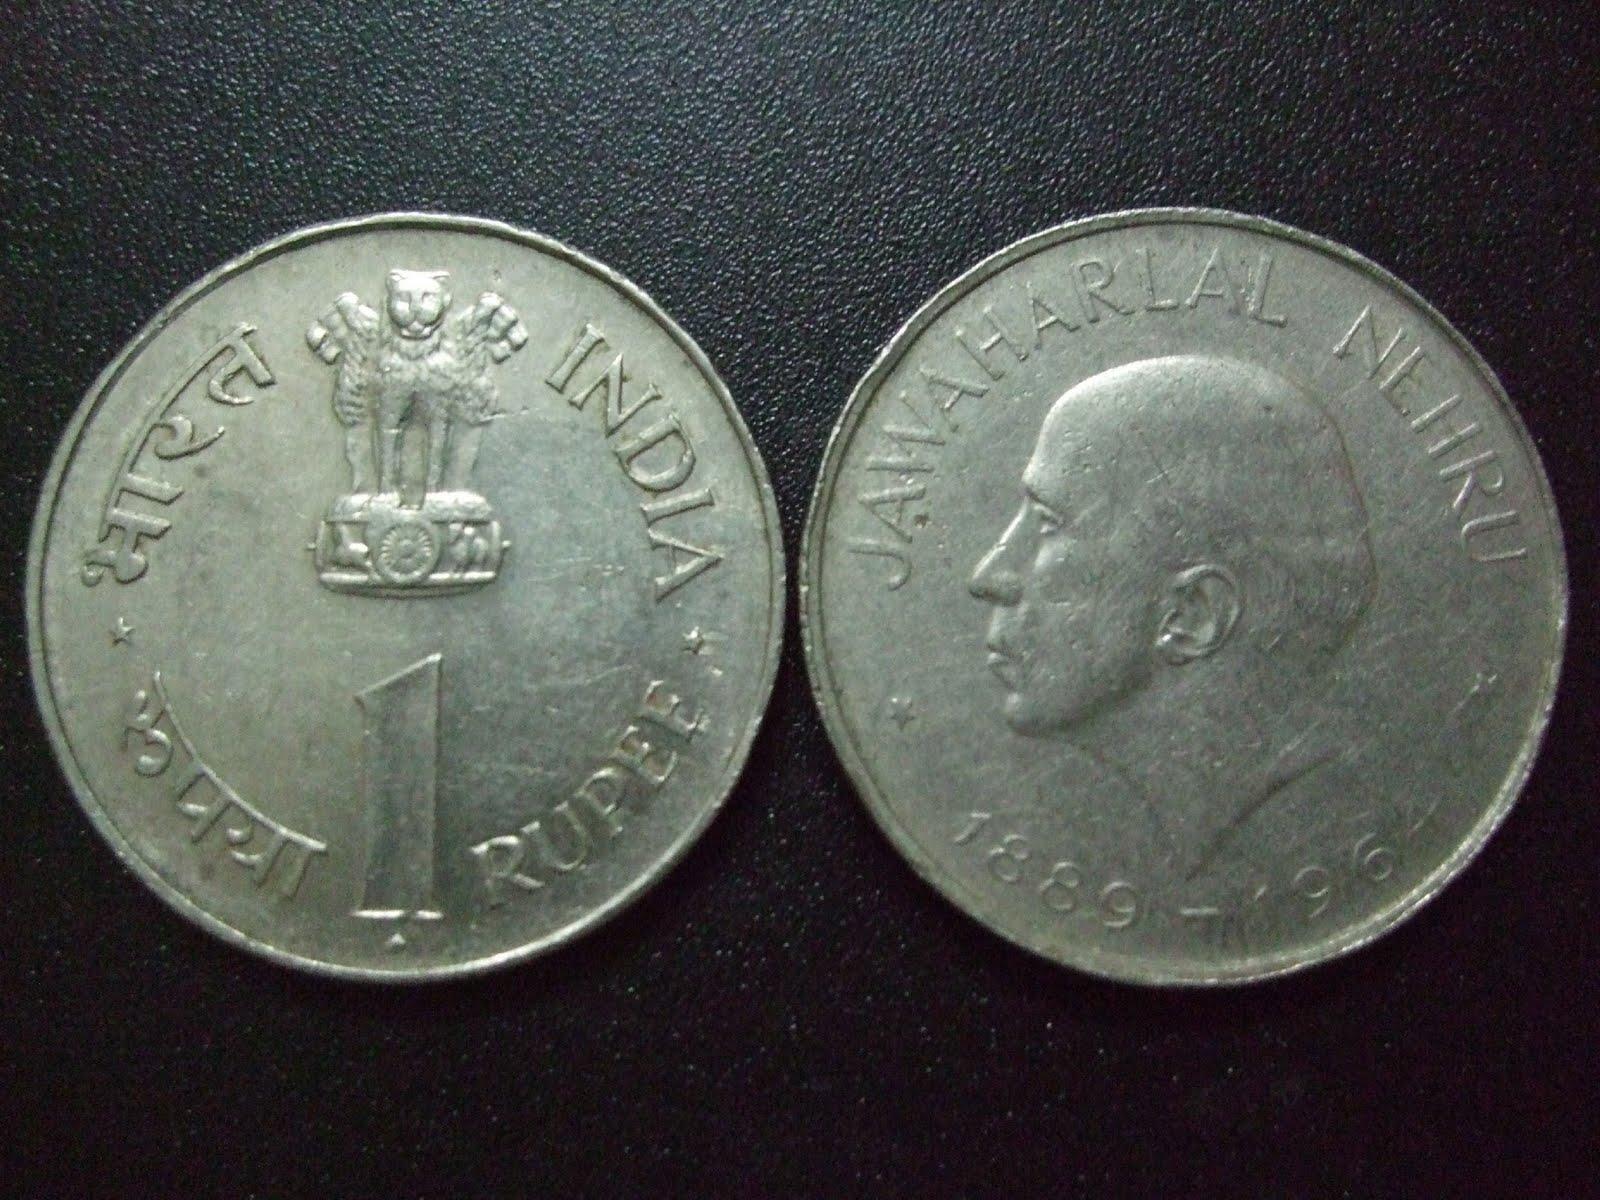 Republic India Coin Collection 1 Rupeecollection